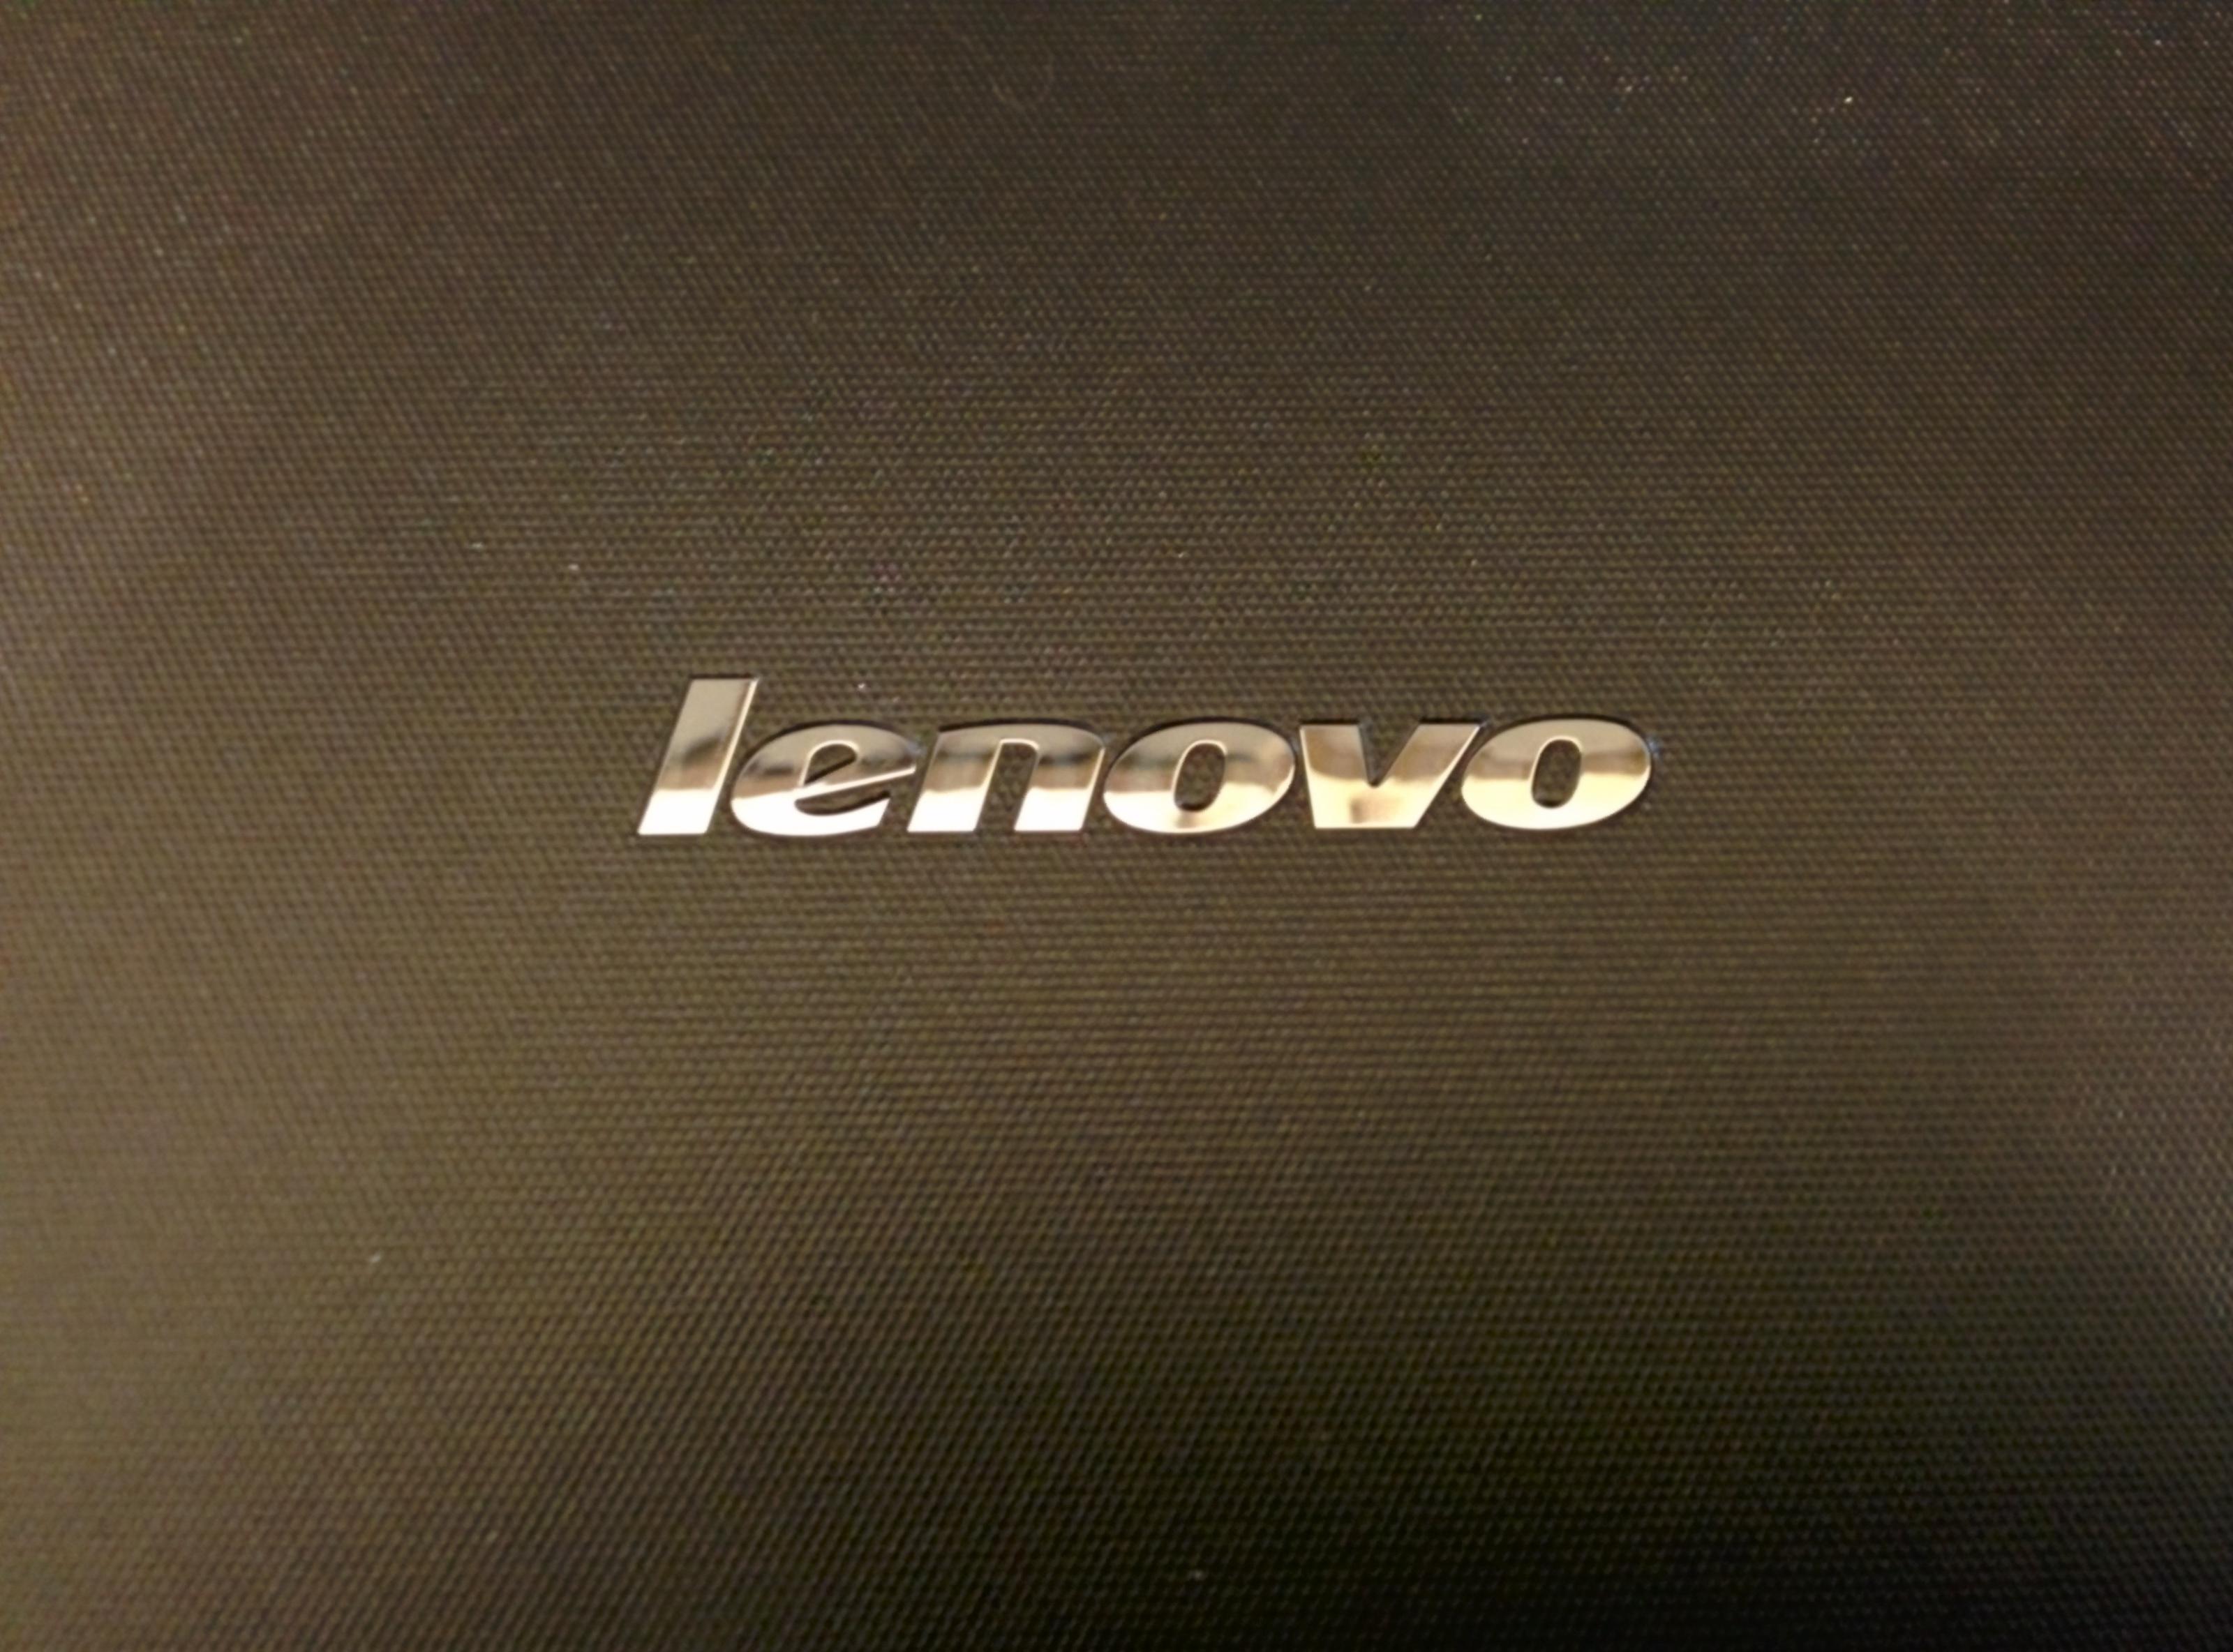 стать счастливой логотип леново картинки на рабочий стол прихожую влага